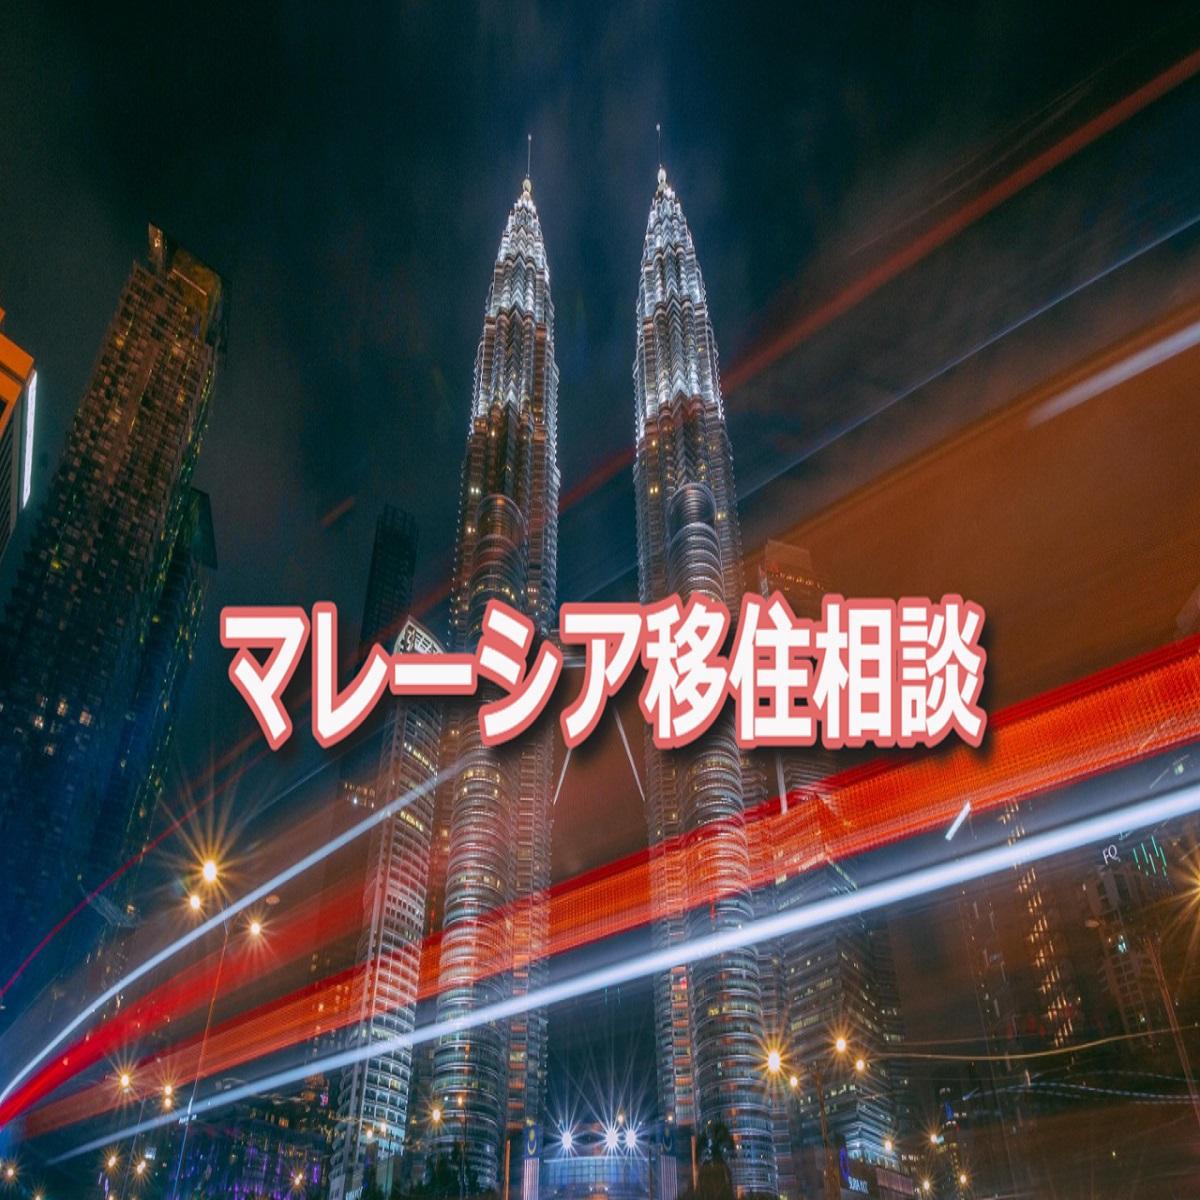 【マレーシアで遺言書の準備】